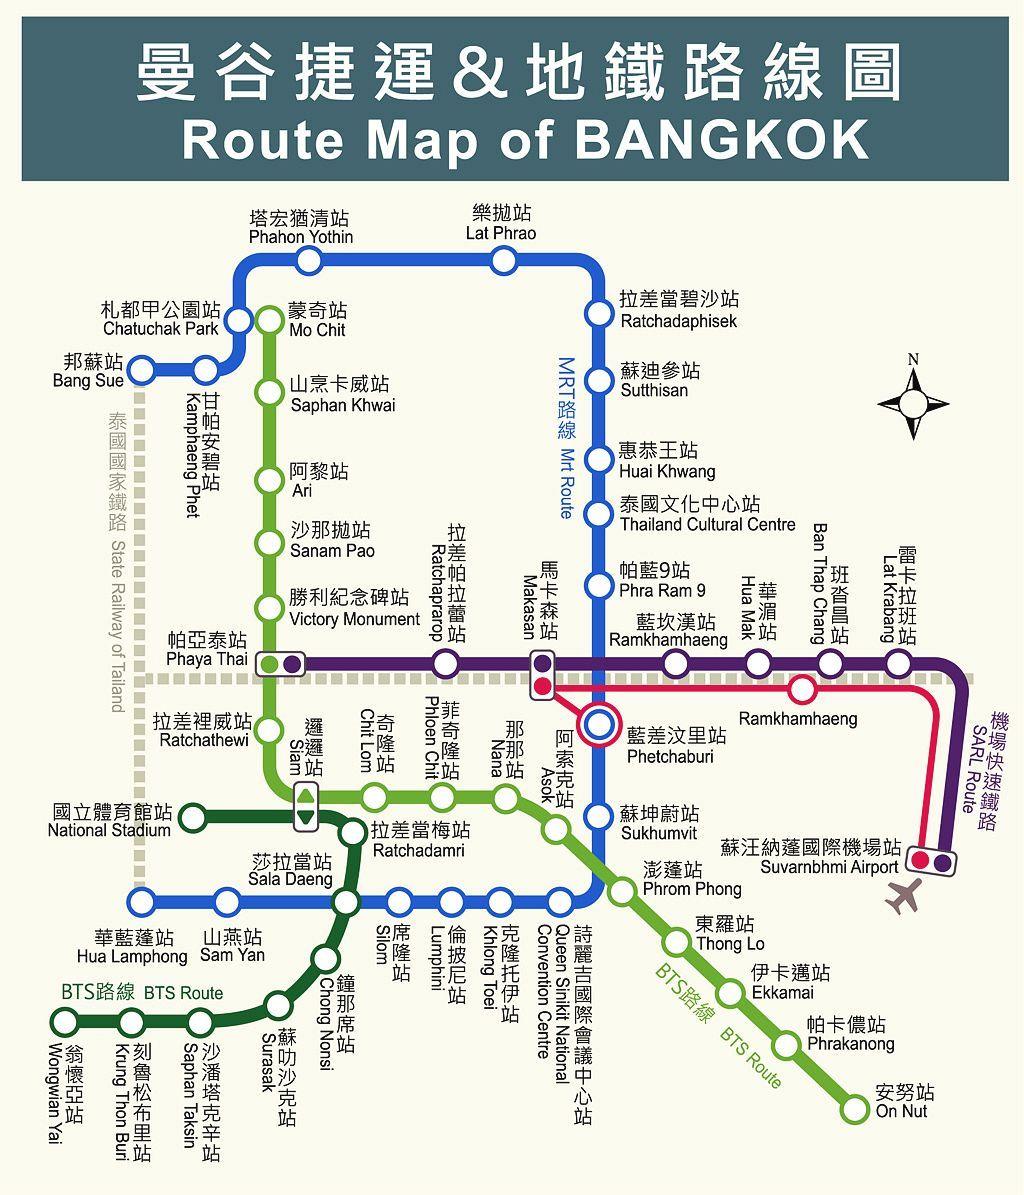 泰国曼谷地铁线路图中文版_搜狐旅游_搜狐网